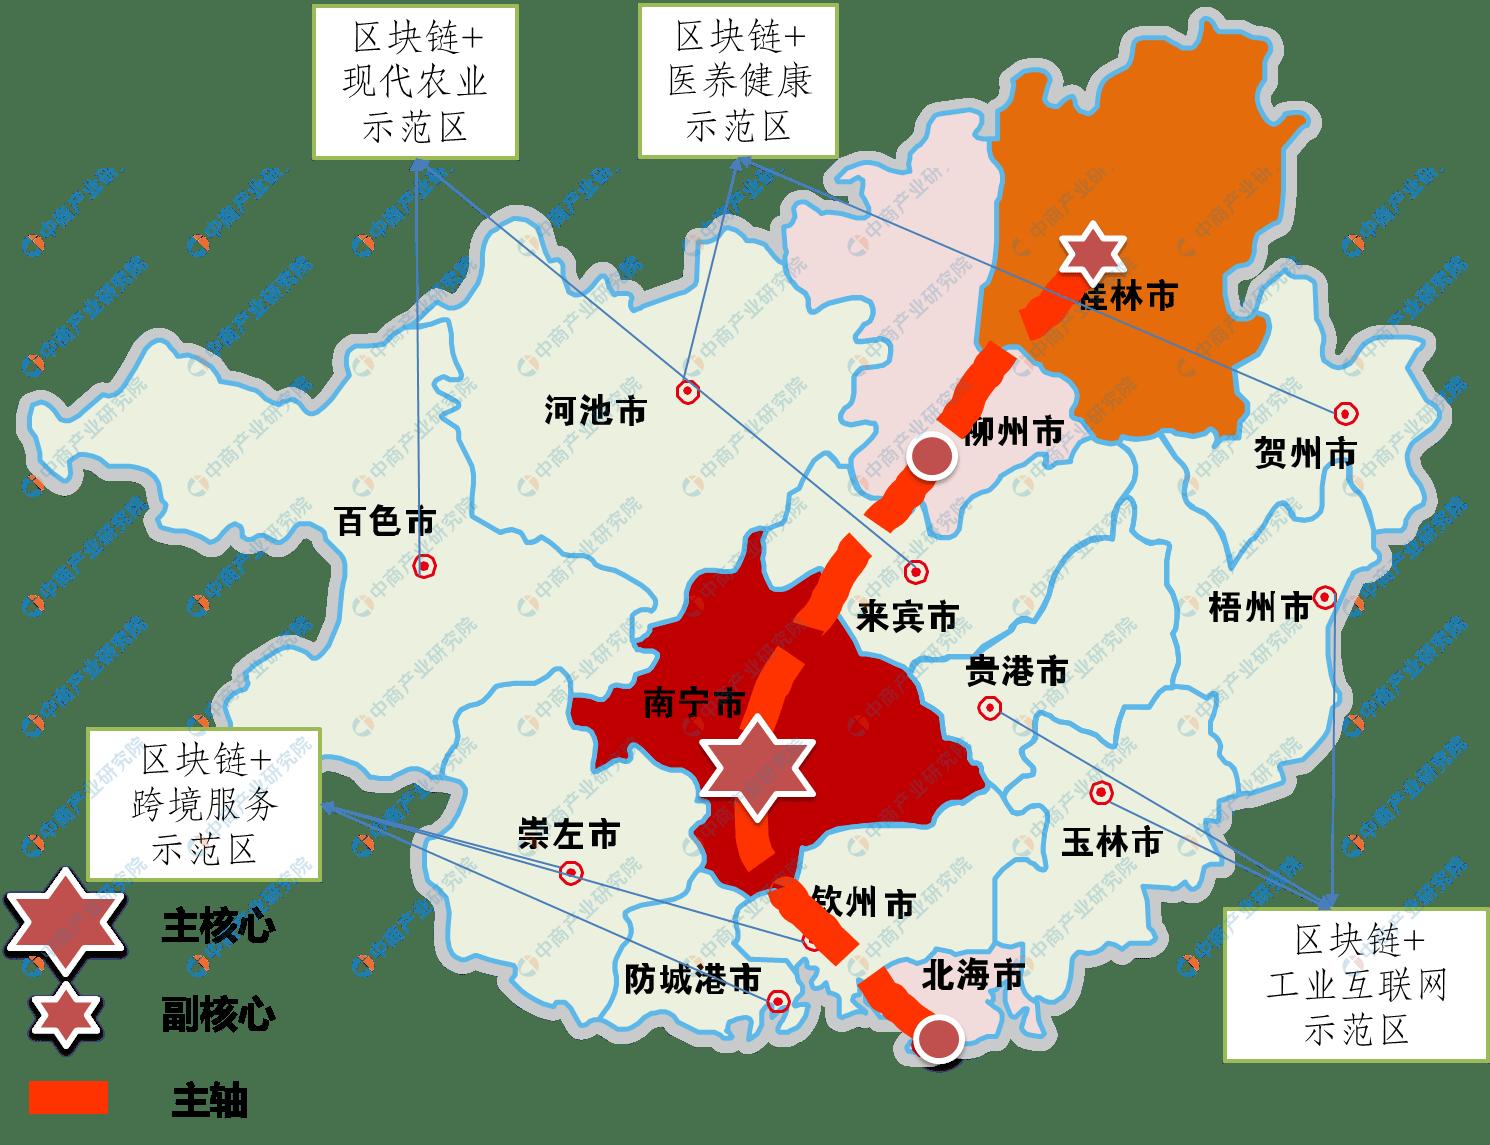 广西各县城2020年经济总量排名_广西经济排名图(2)